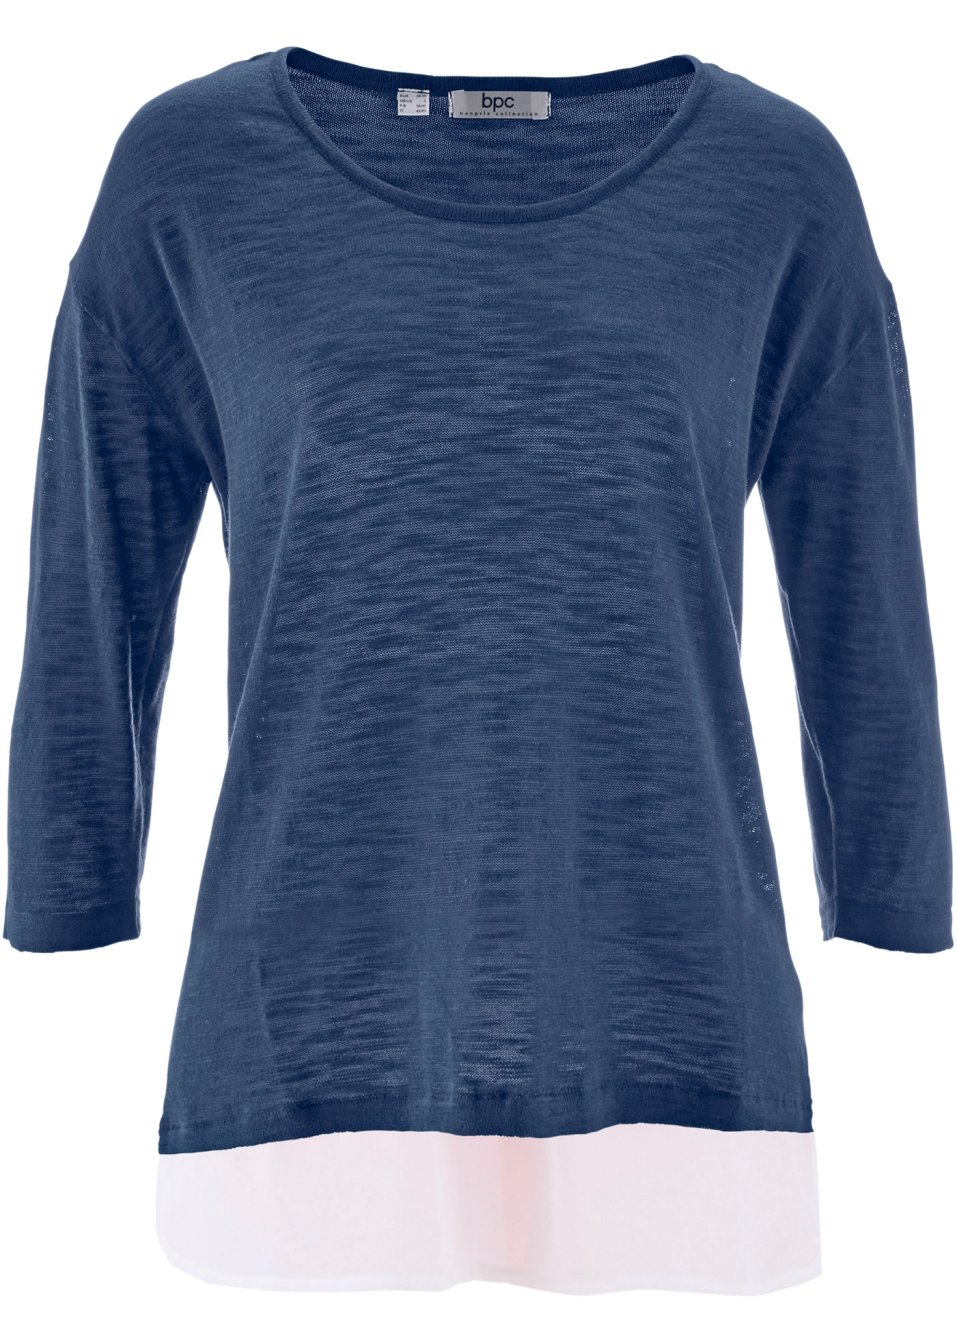 ansprechender flammgarn pullover mit bluseneinsatz indigo. Black Bedroom Furniture Sets. Home Design Ideas